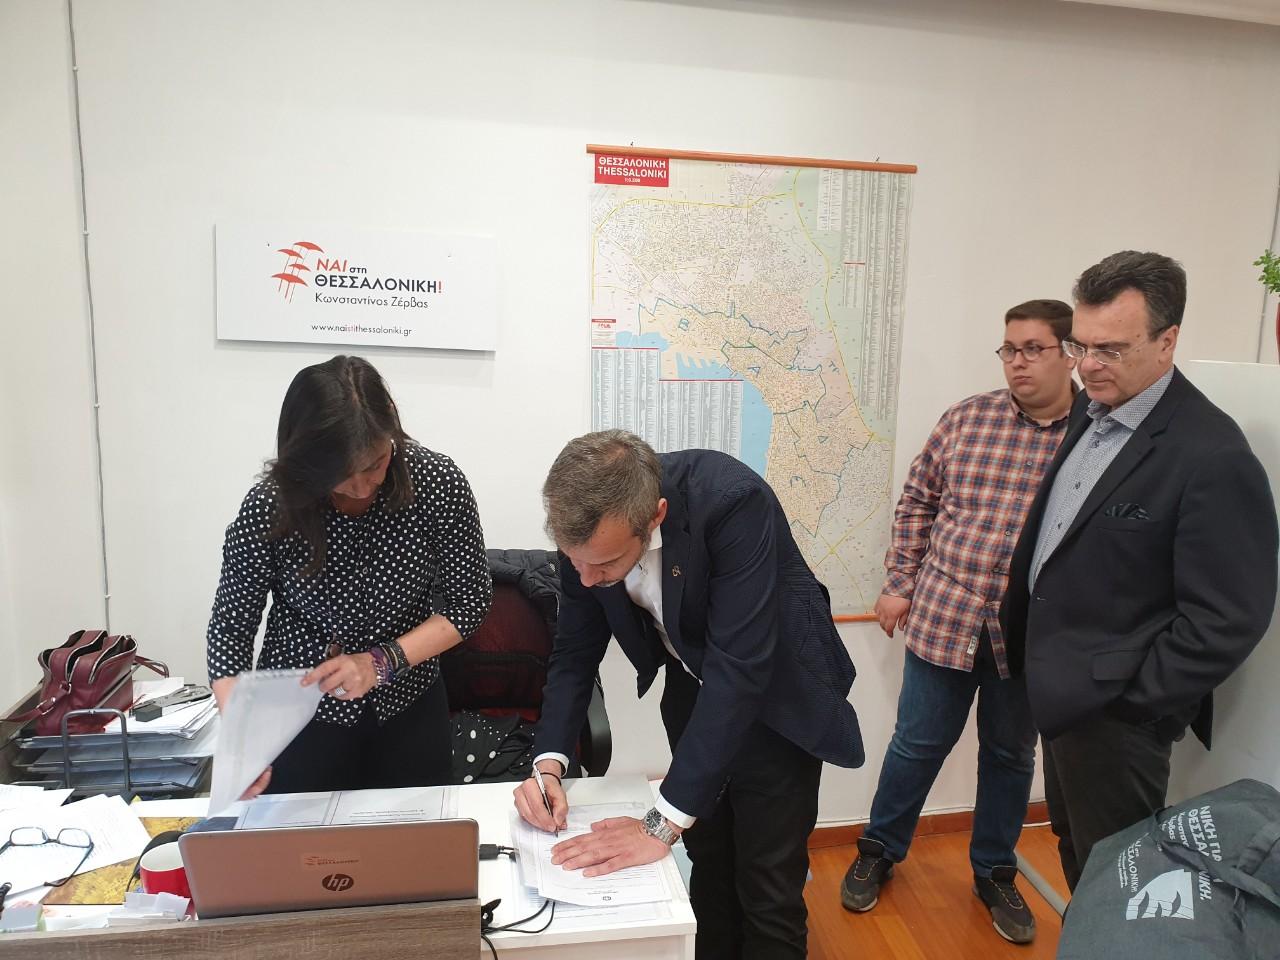 Με 141 υποψηφίους ο συνδυασμός Ζέρβα στο Πρωτοδικείο